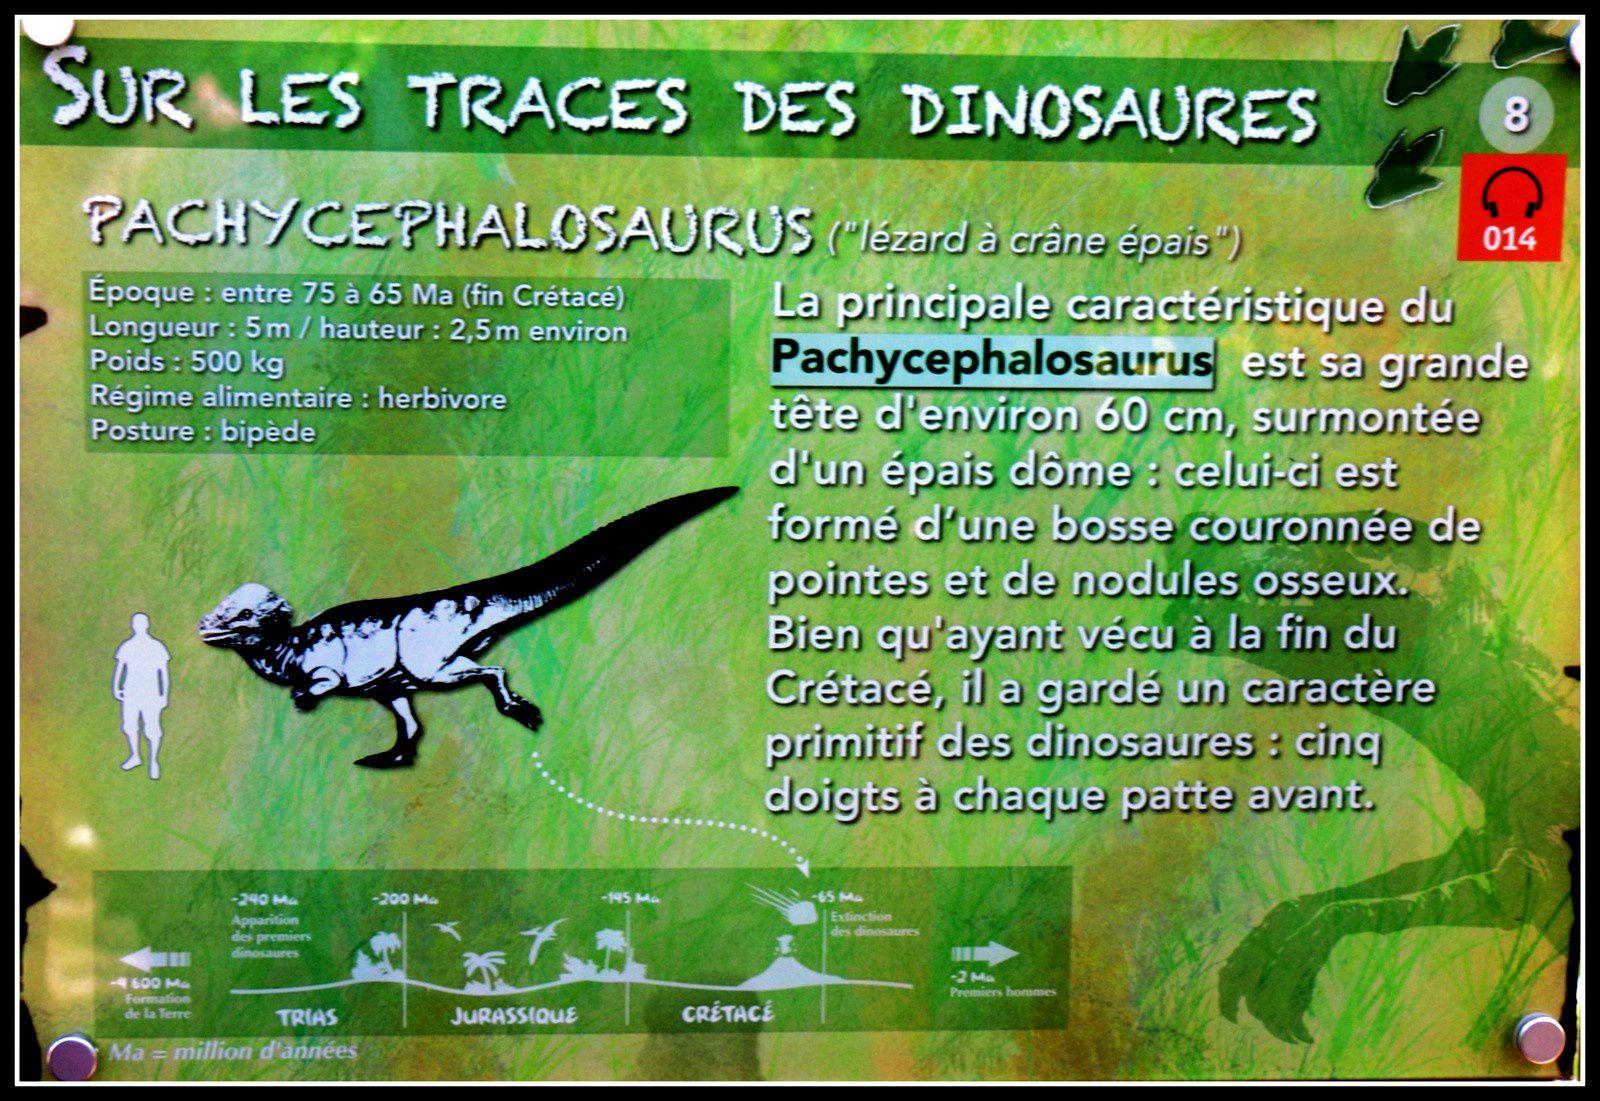 Pachycephalosaurus, sur les traces des dinosaures